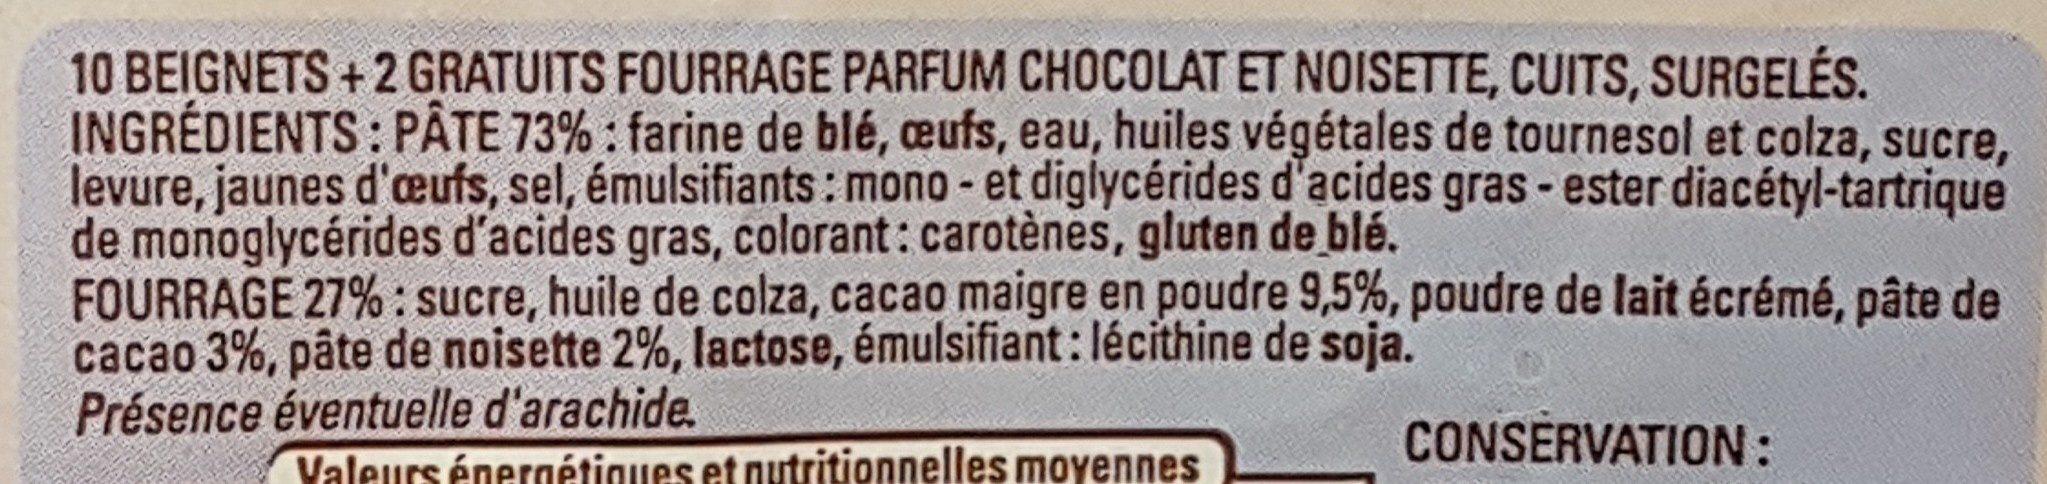 Beignets fourrés chocolat noisette - Ingrédients